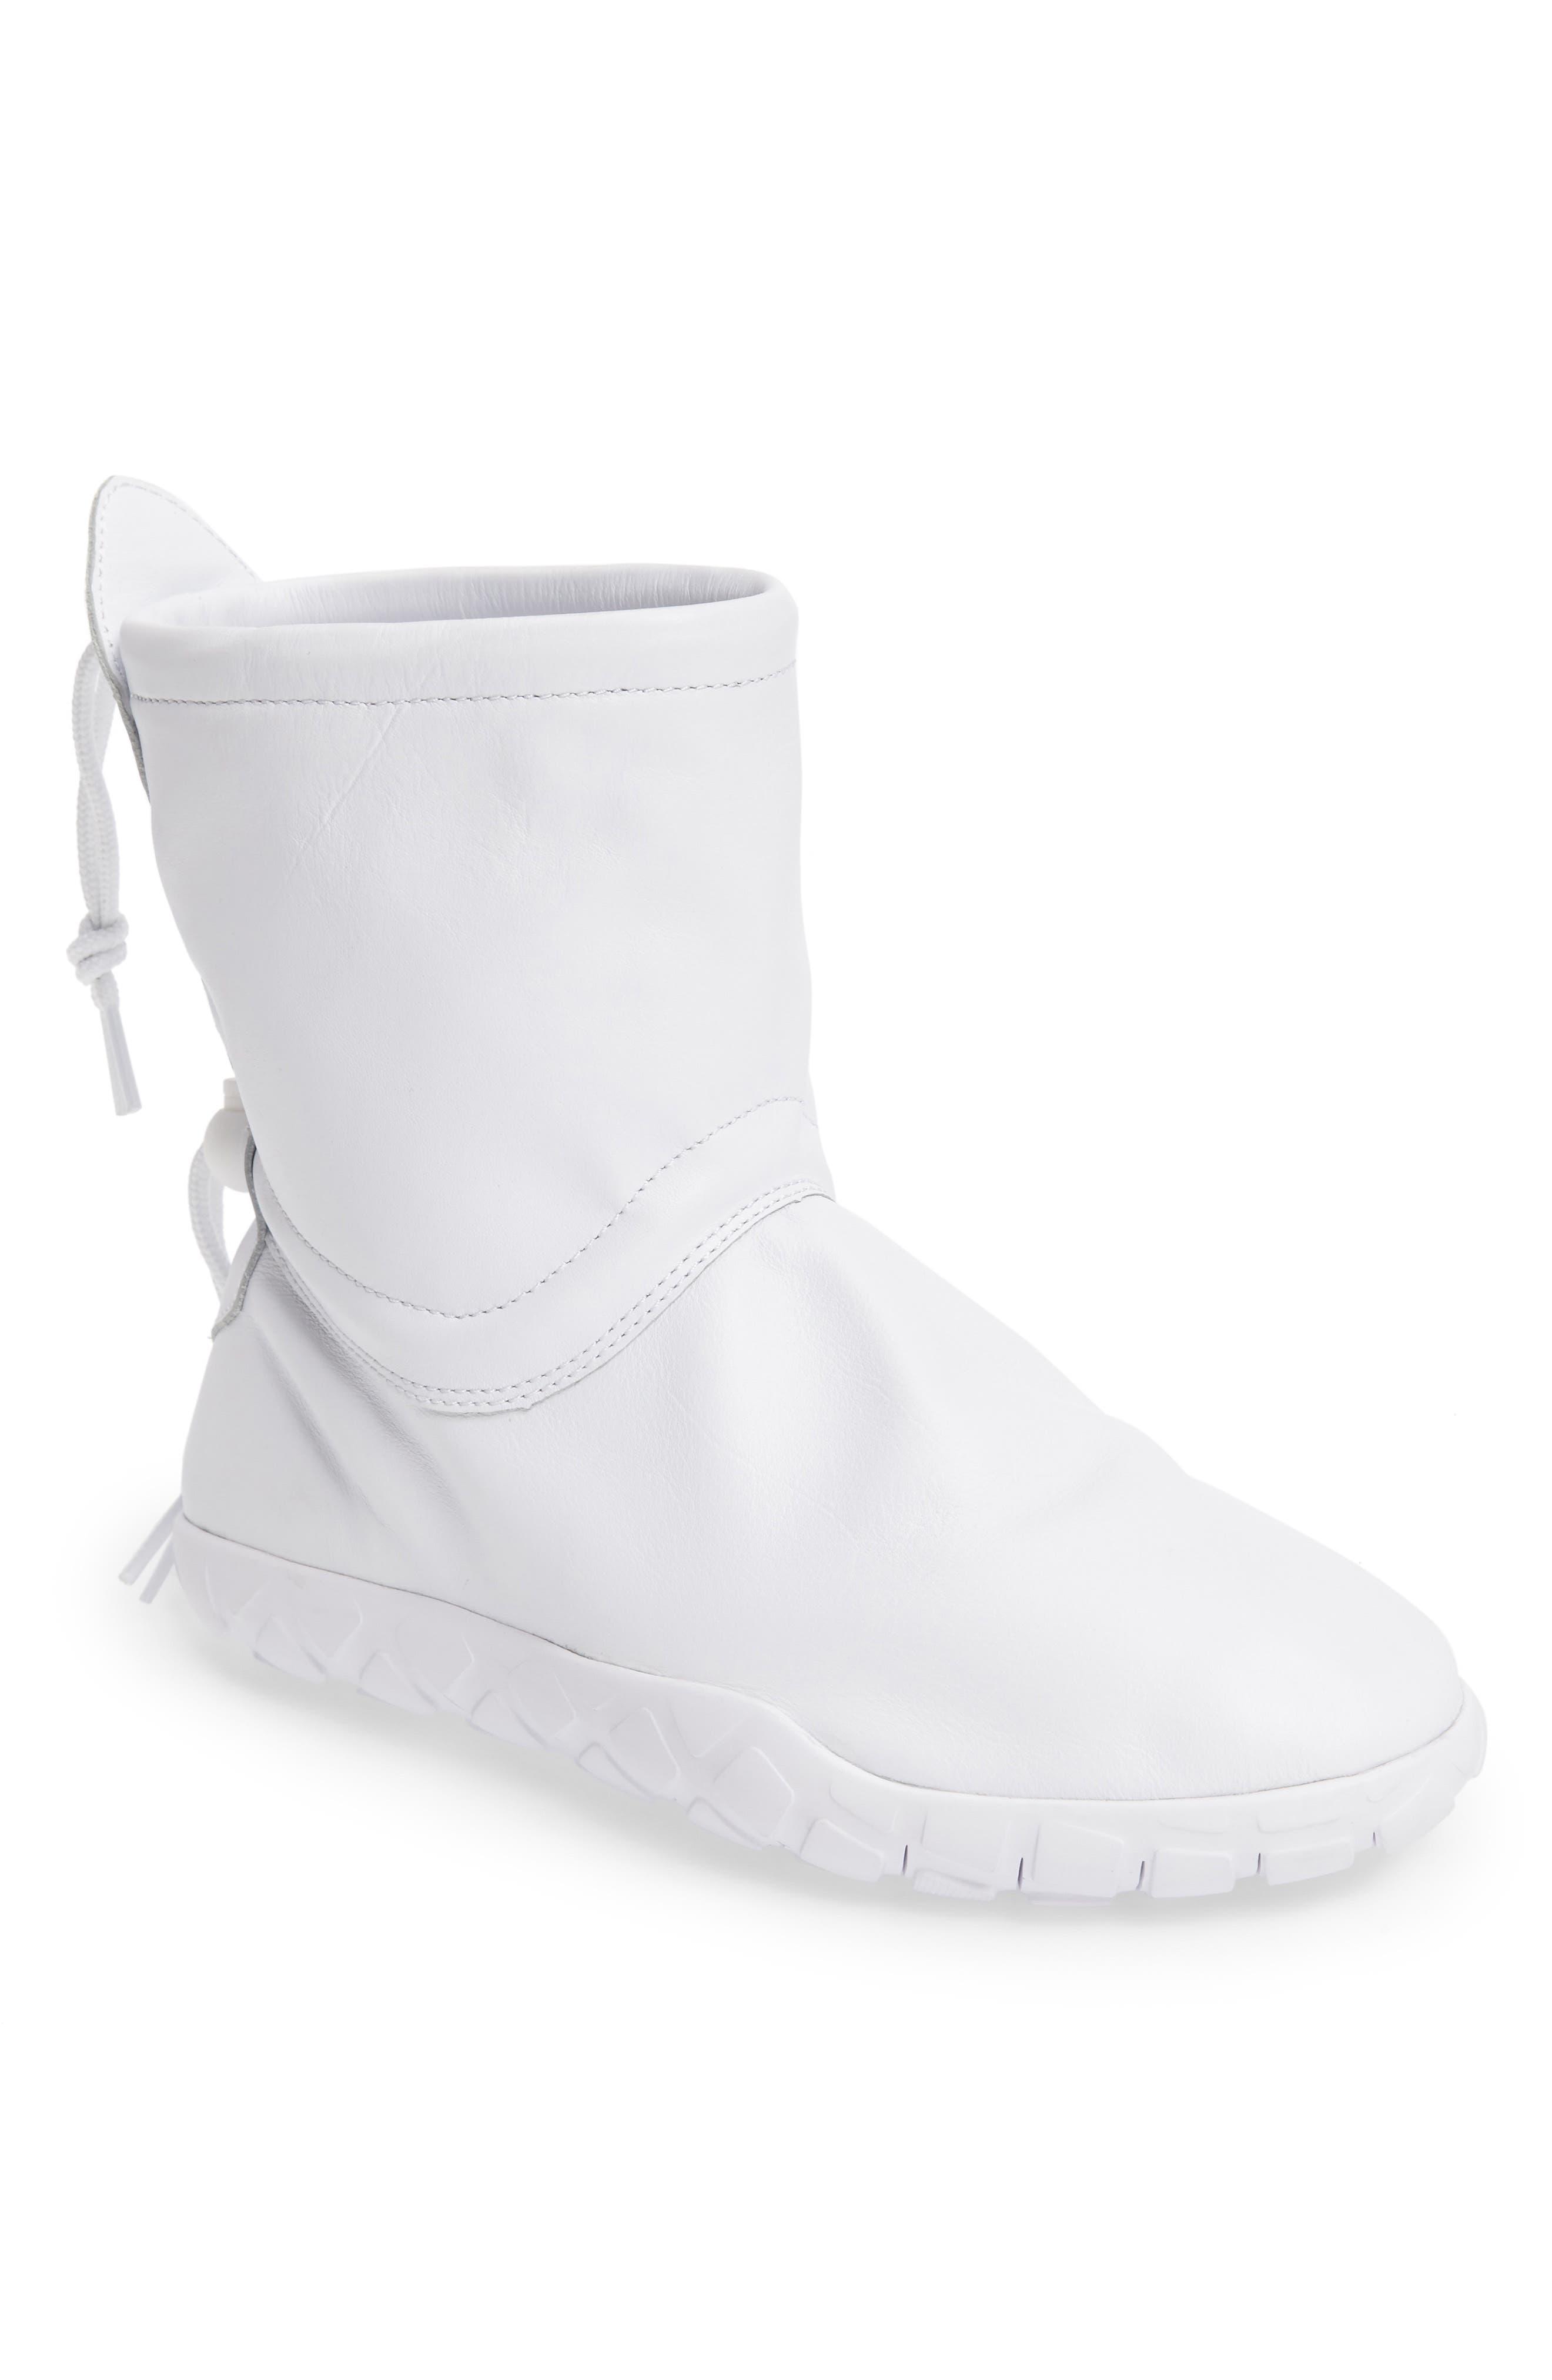 Comme des Garçons x Nike Air Chukka Moc Boot (Women)